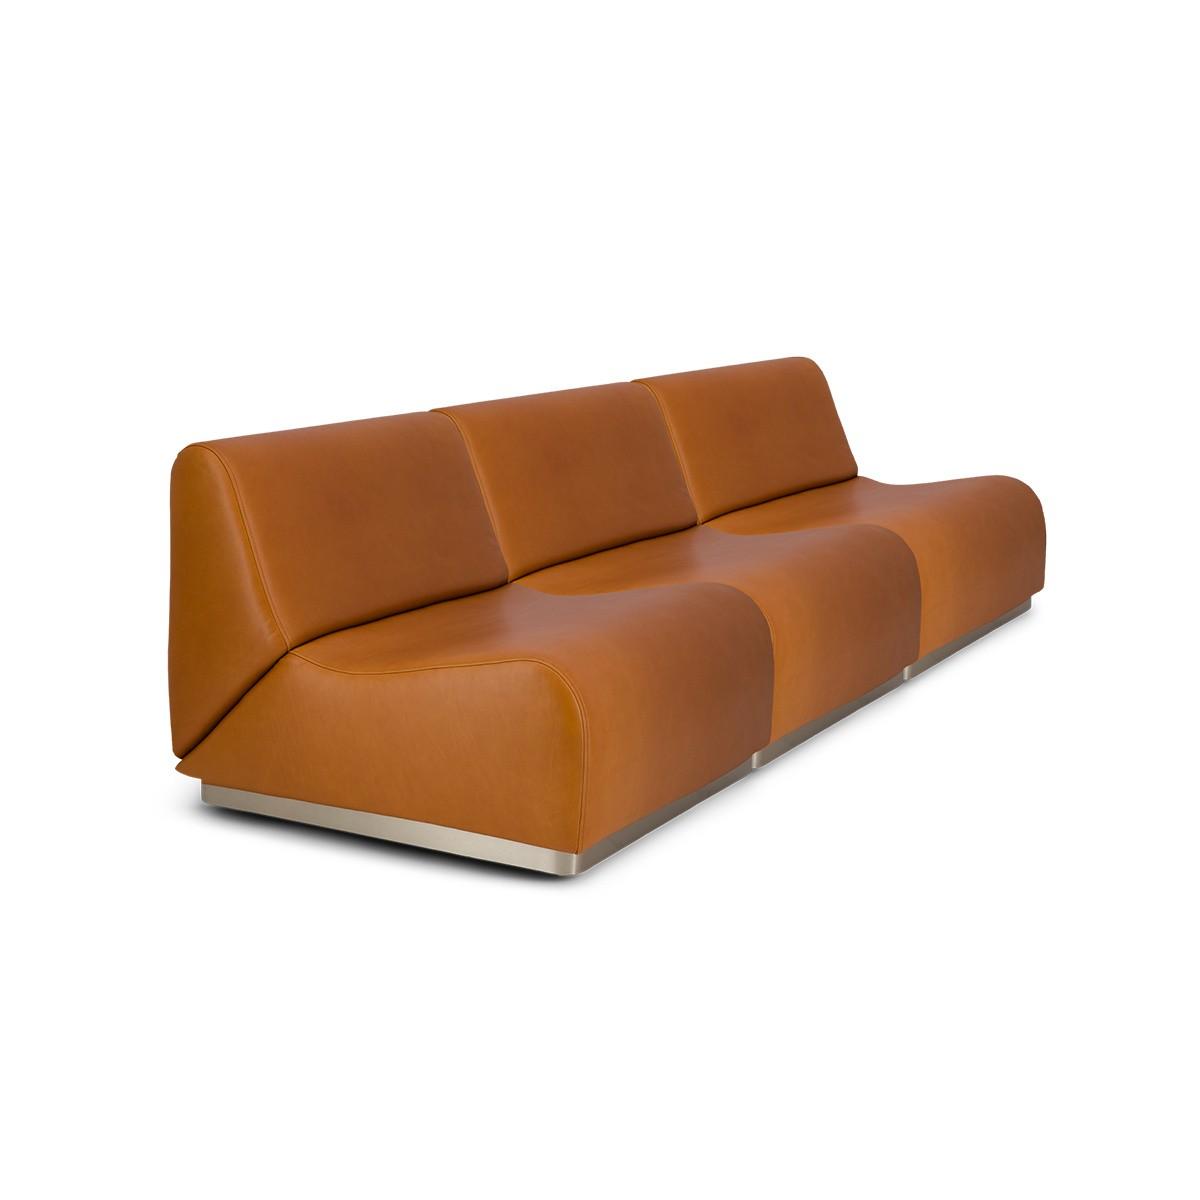 Rotondo Sofa in Camel Leather